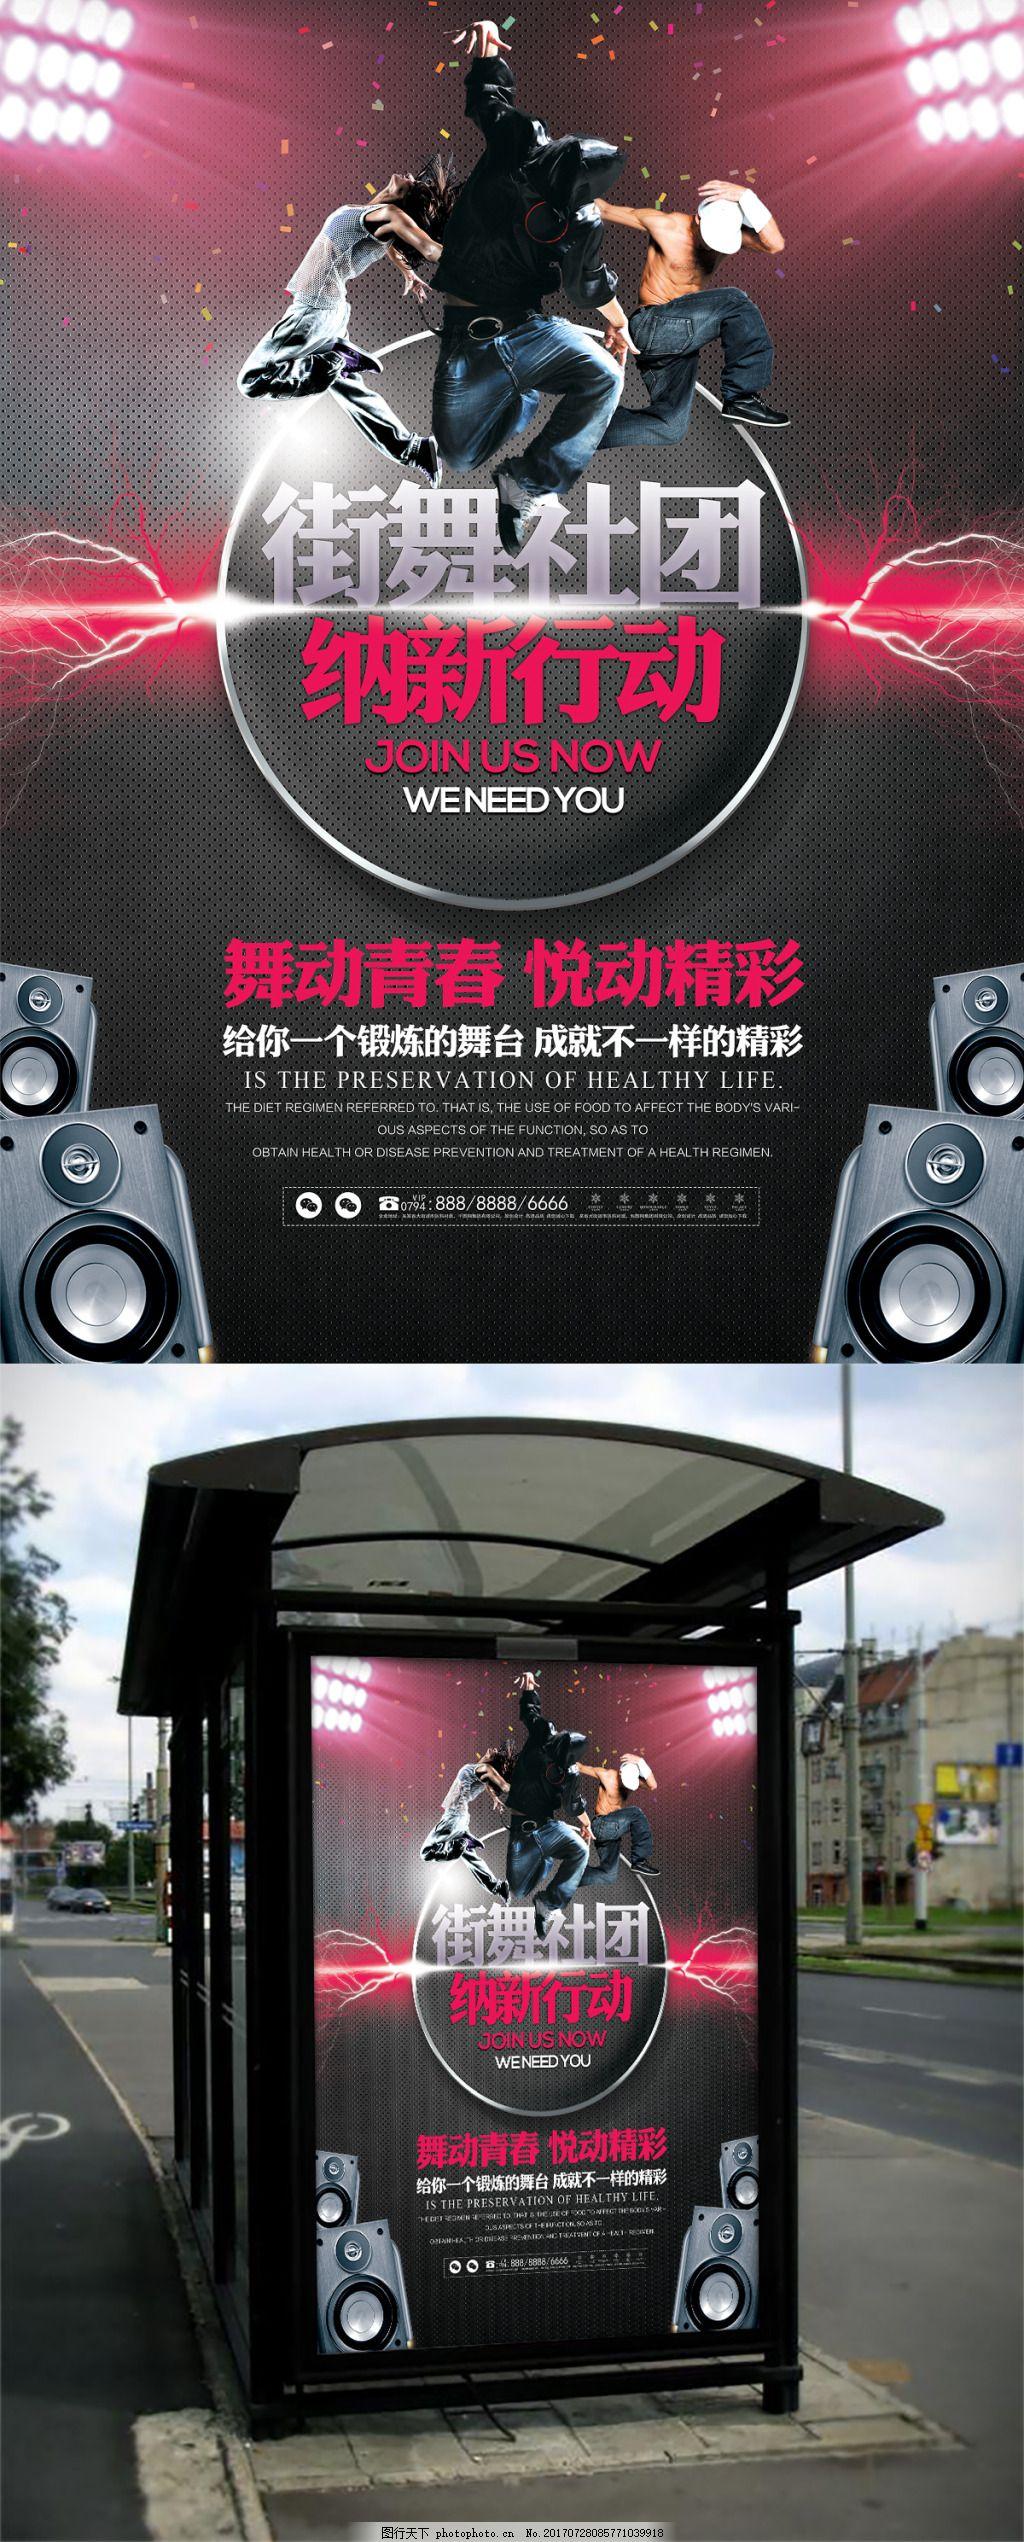 酷炫 街舞 跳舞 舞蹈 社团 纳新 招新 校园 宣传 海报